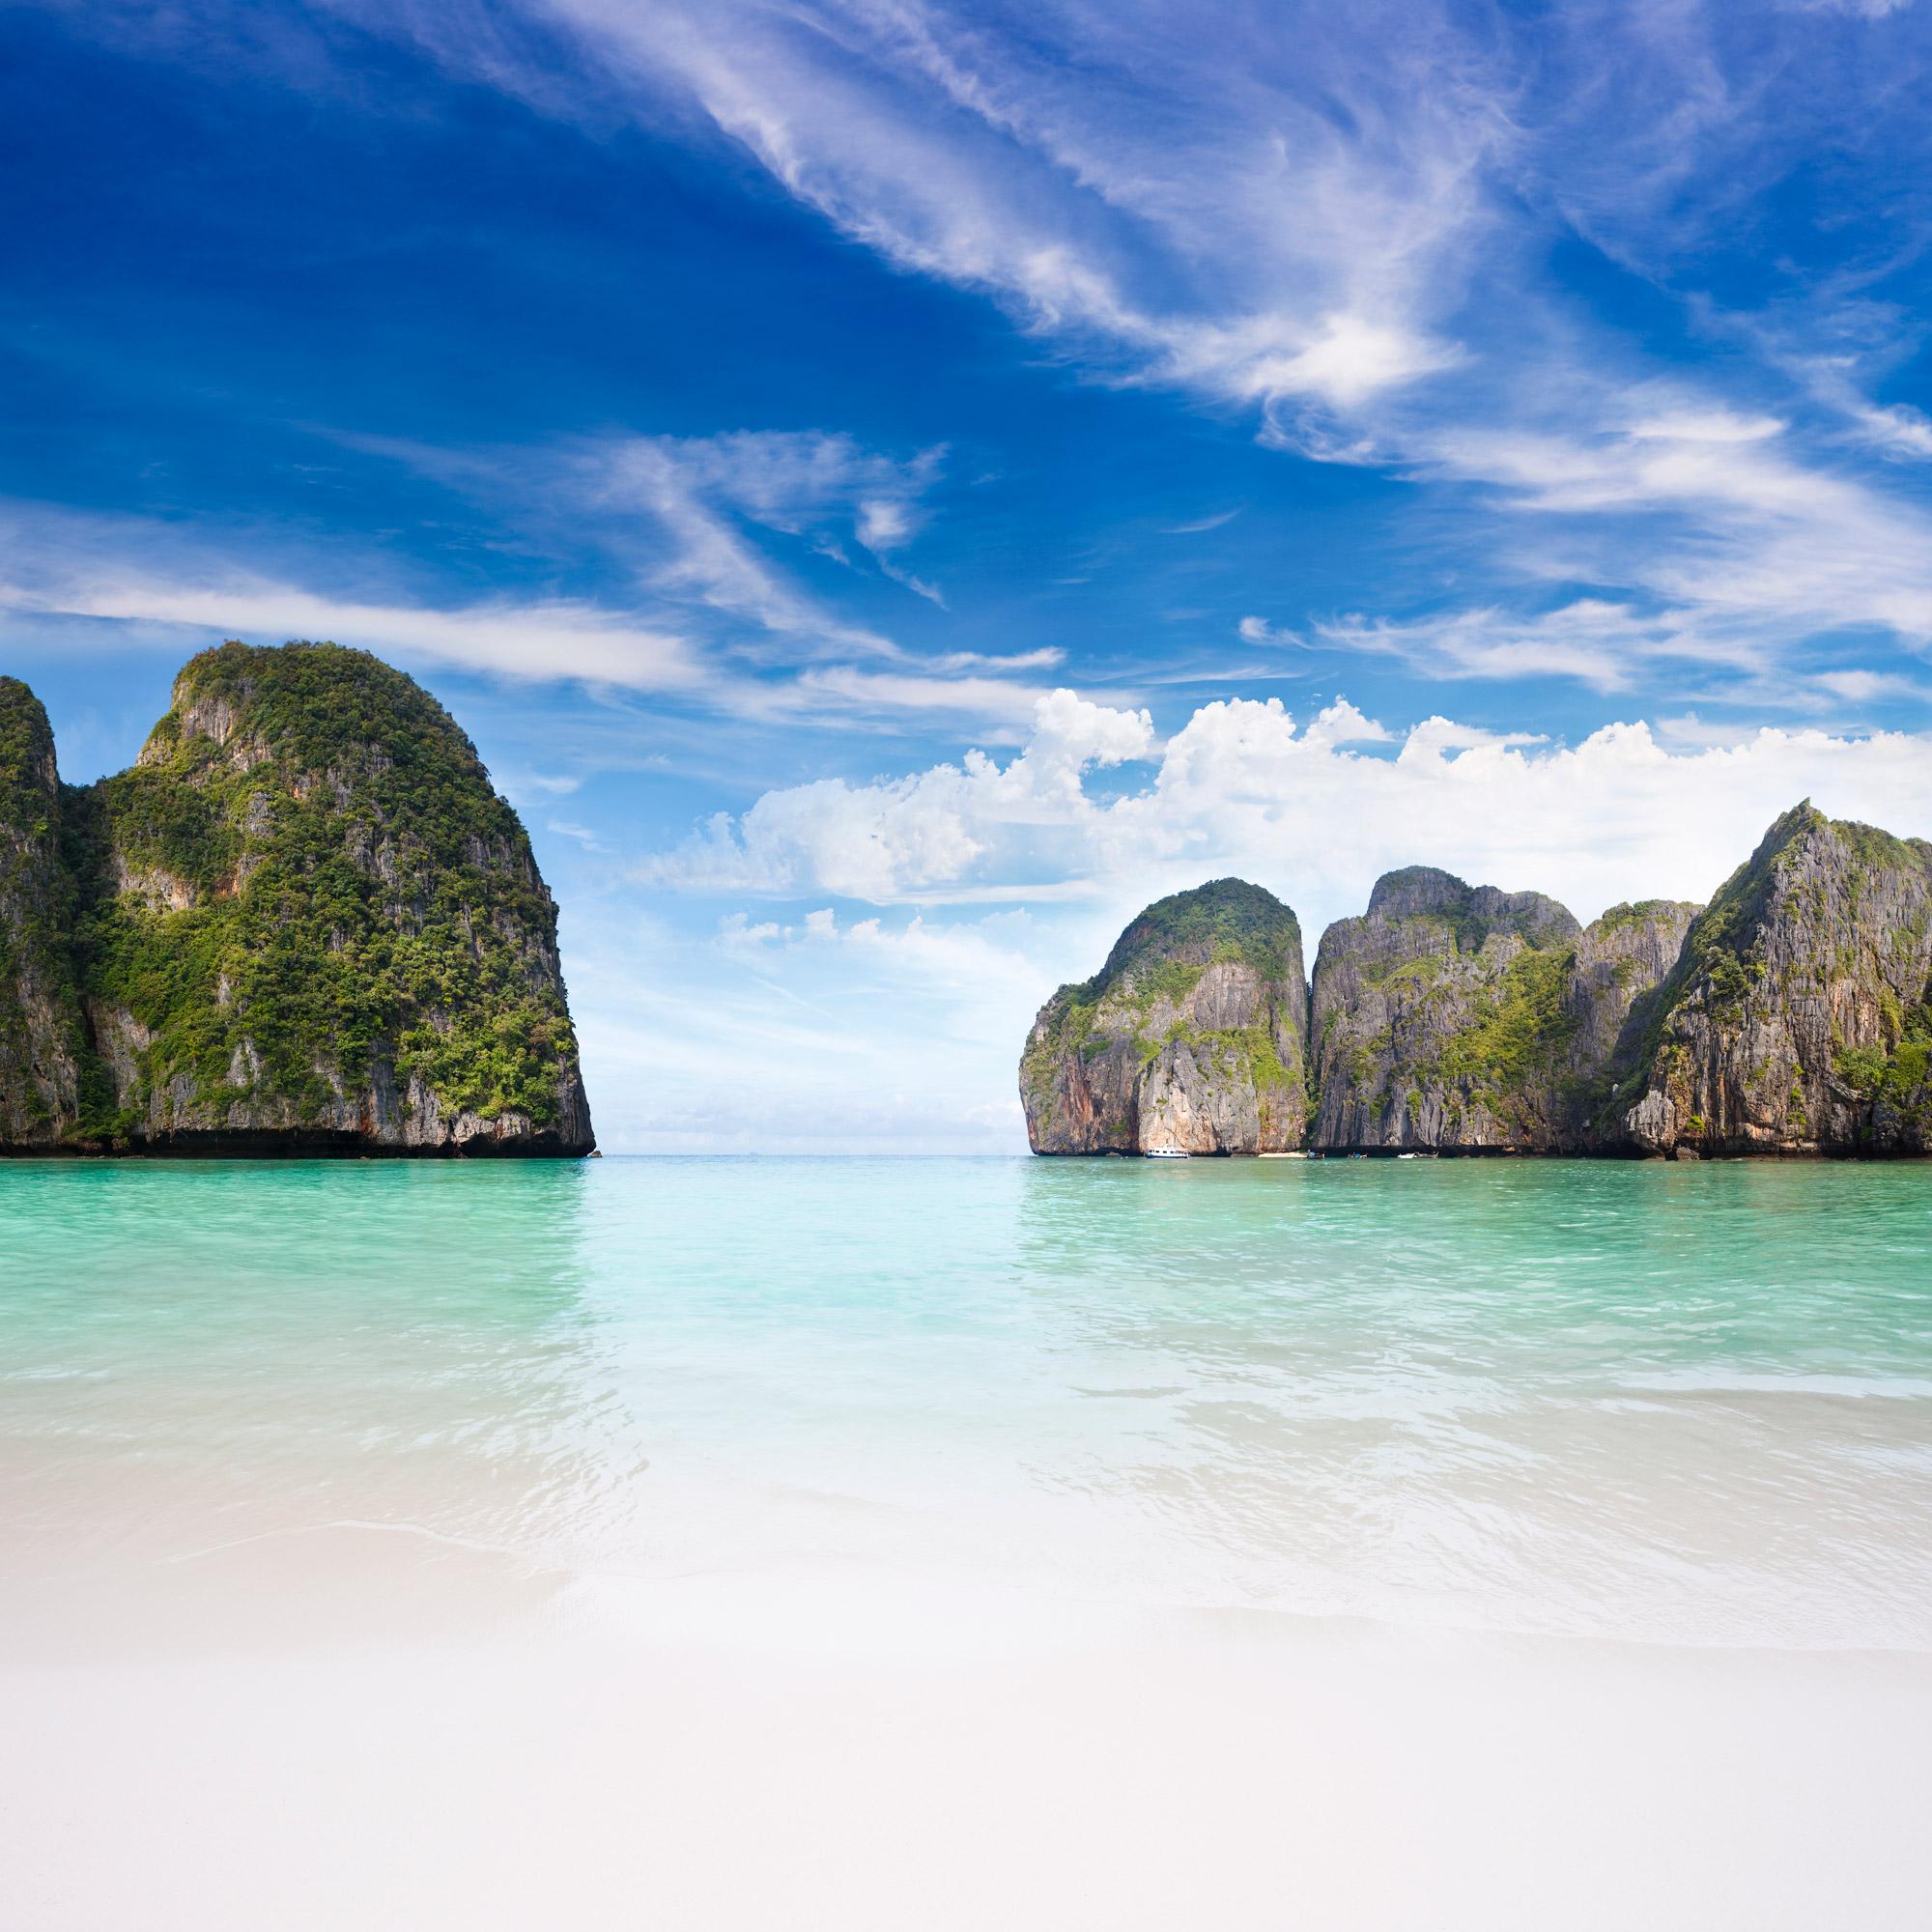 Découvrez l'île Maya Bay, paradis terrestre de Thaïlande